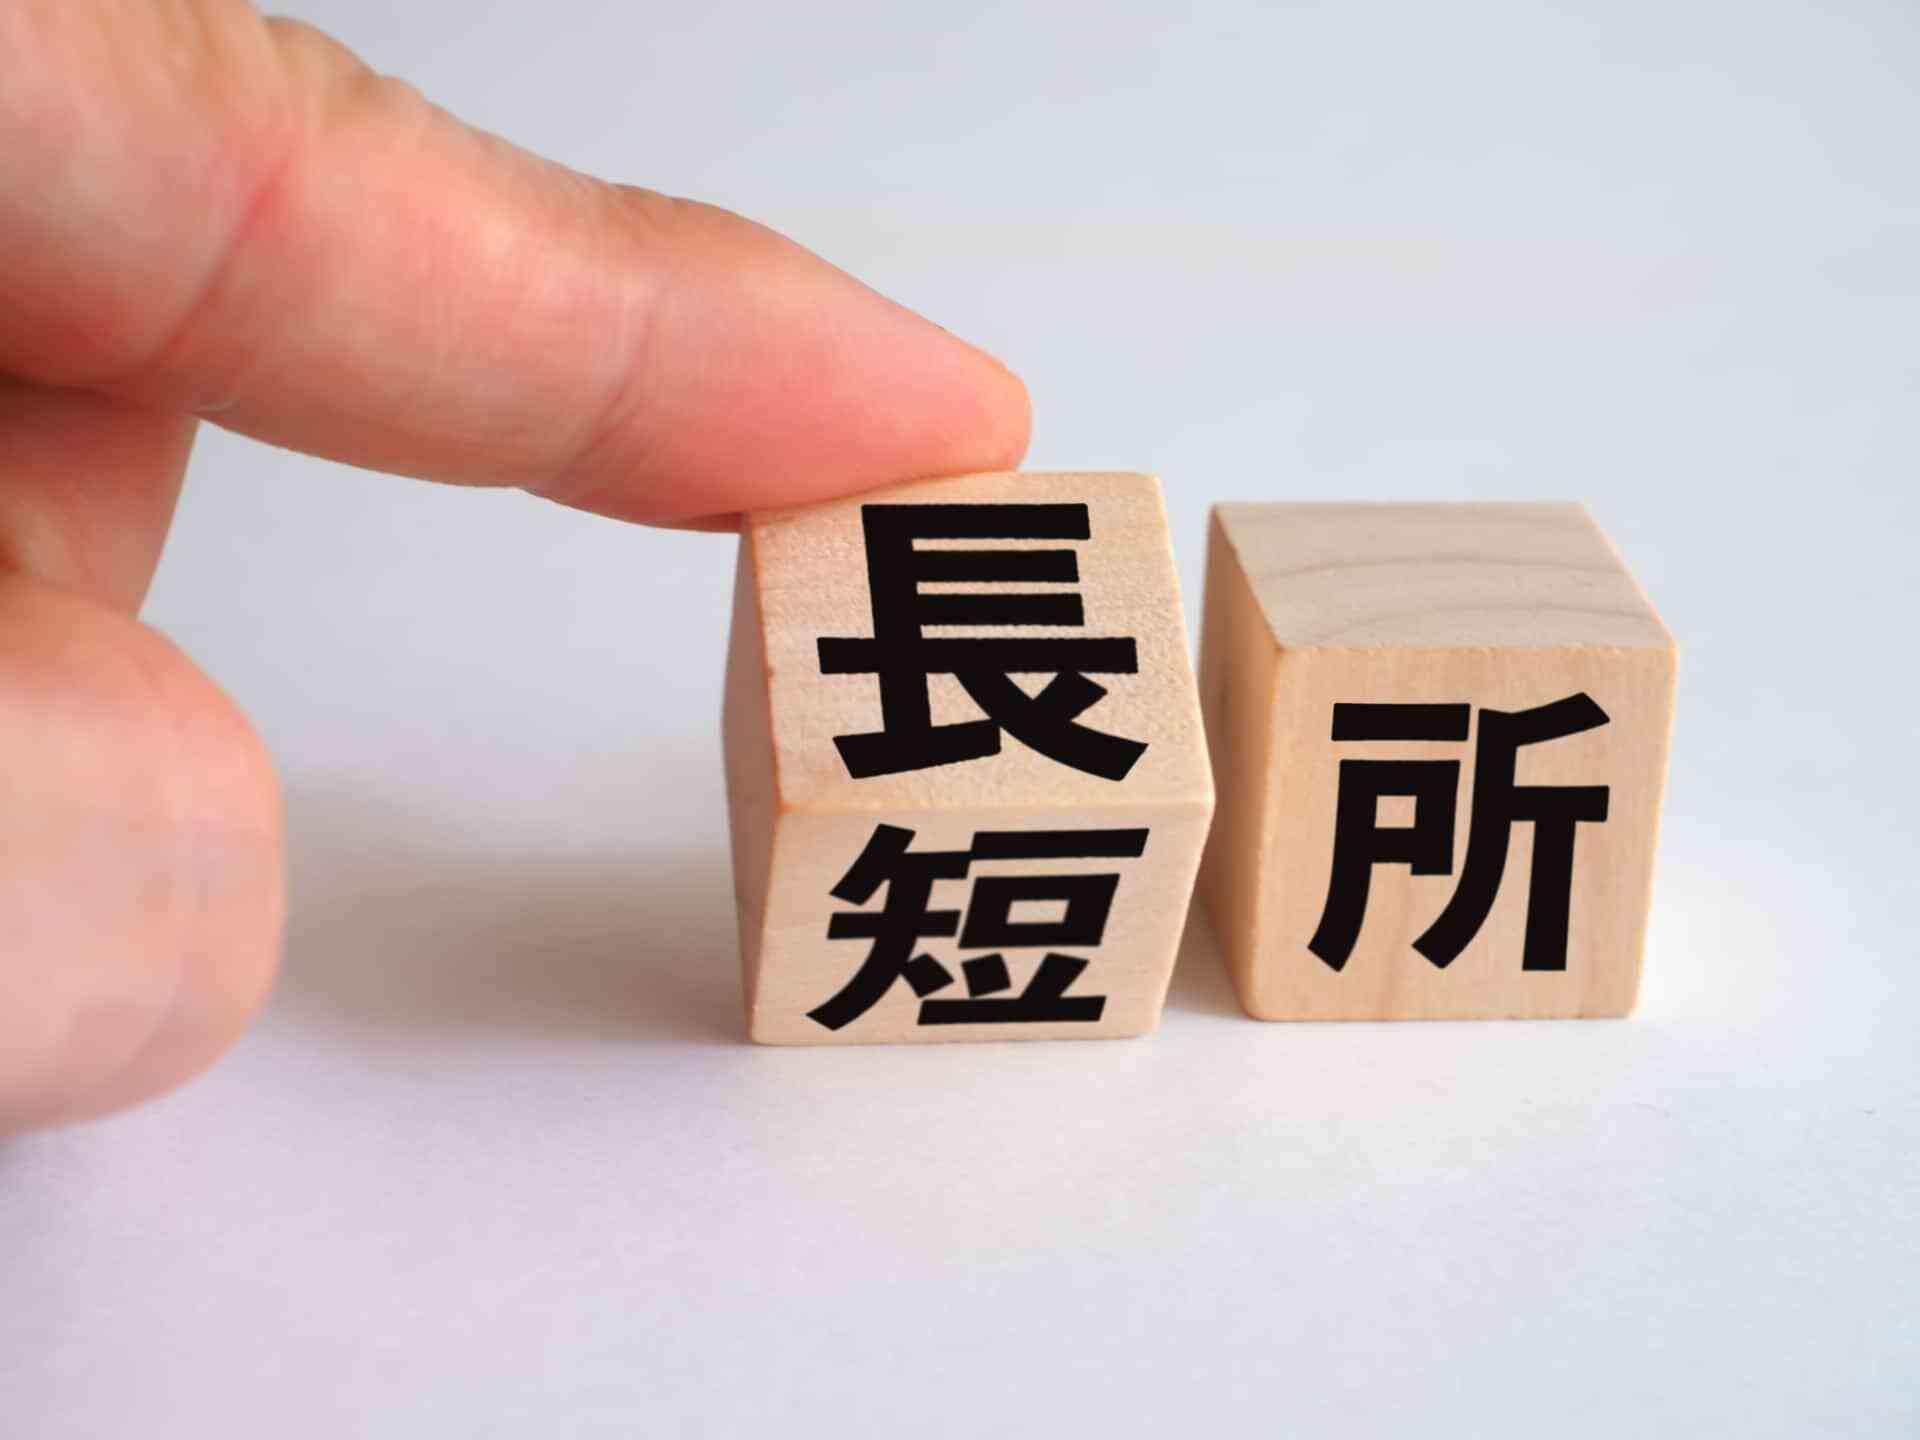 長所を面接で回答する時の良い例文とNG例文